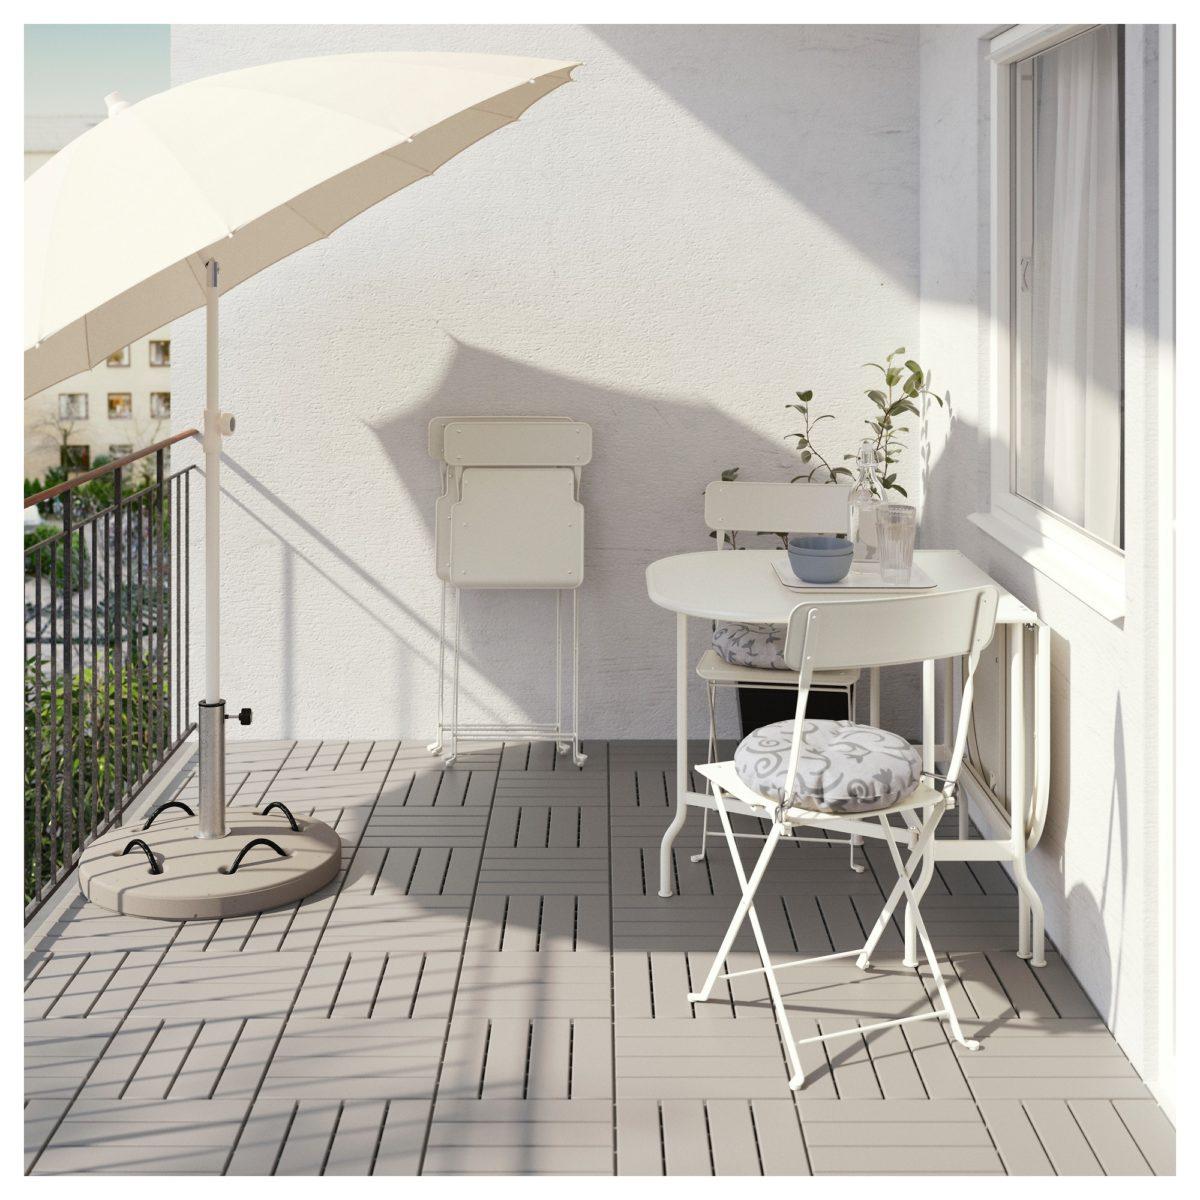 Come Arredare Il Balcone Con Ikea A Meno Di 50 Euro